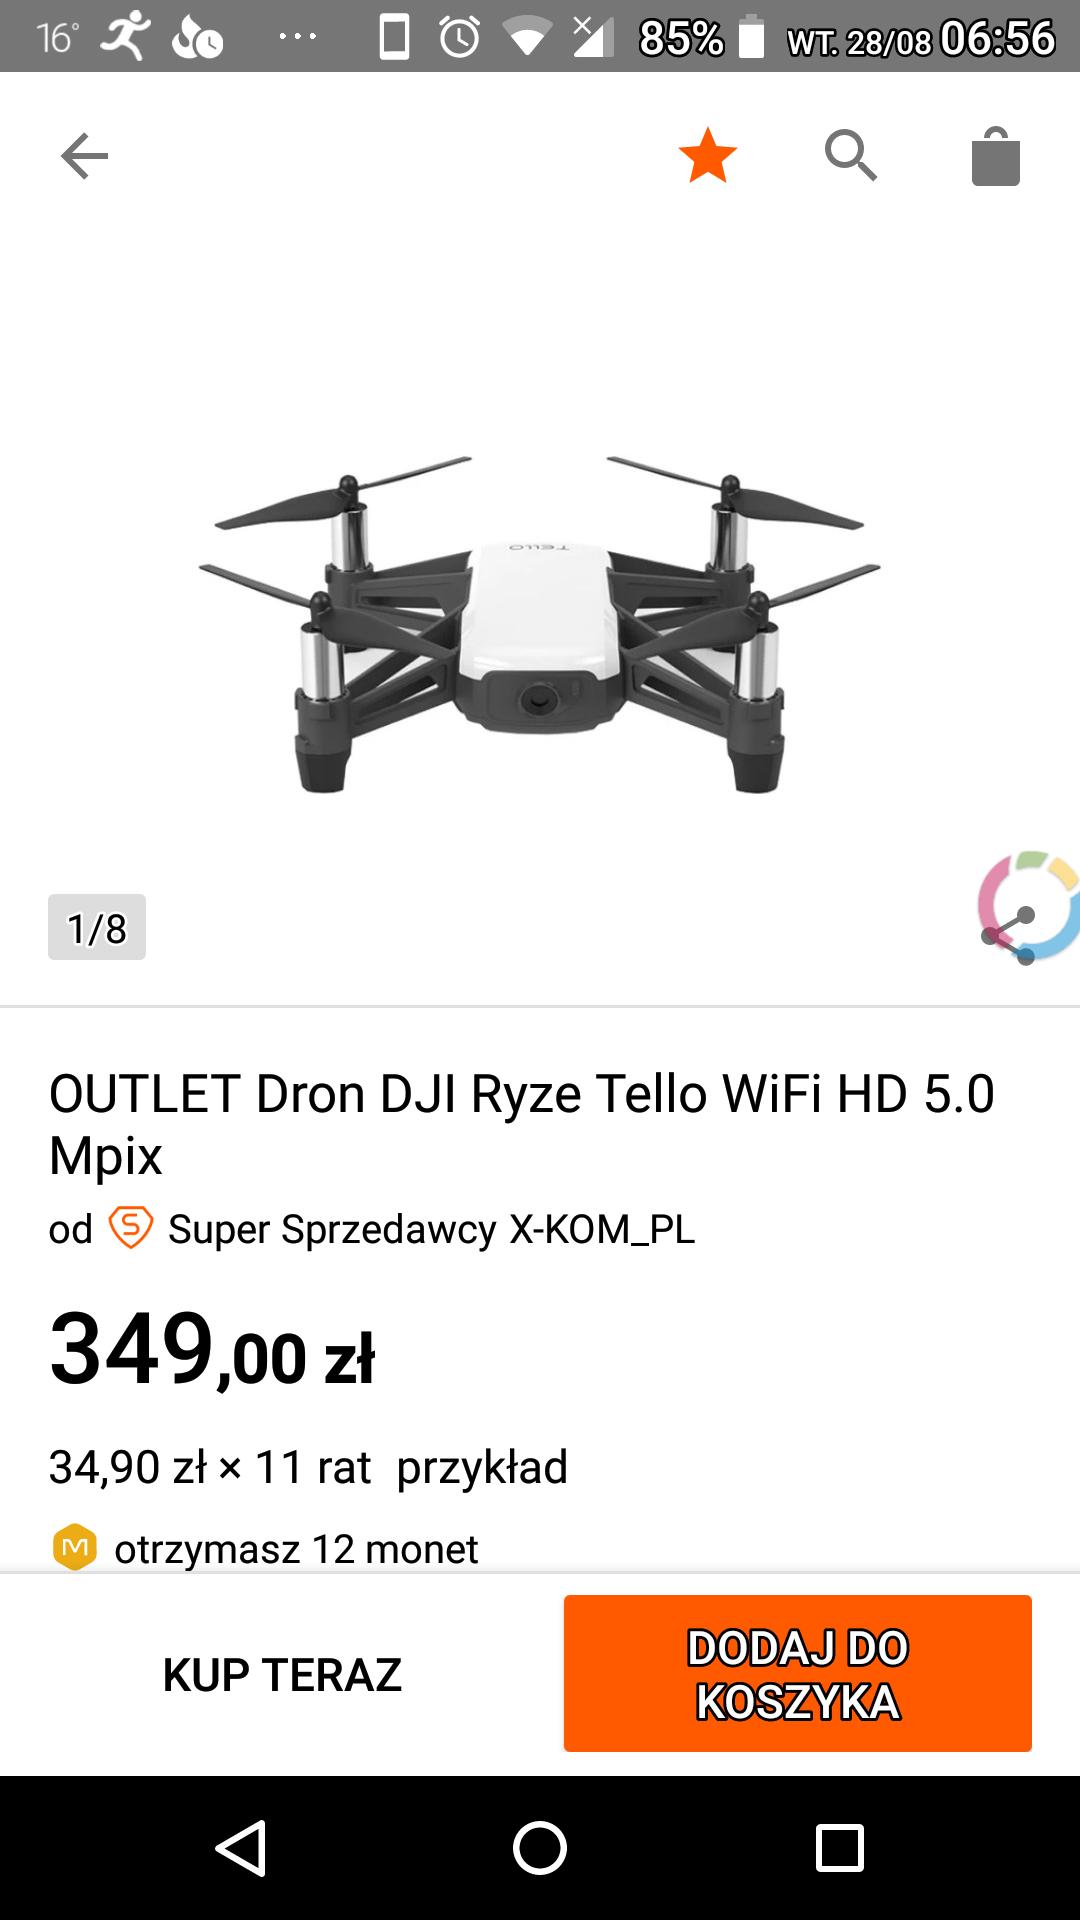 Dron DJI Ryze Tello - X-Kom outlet allegro